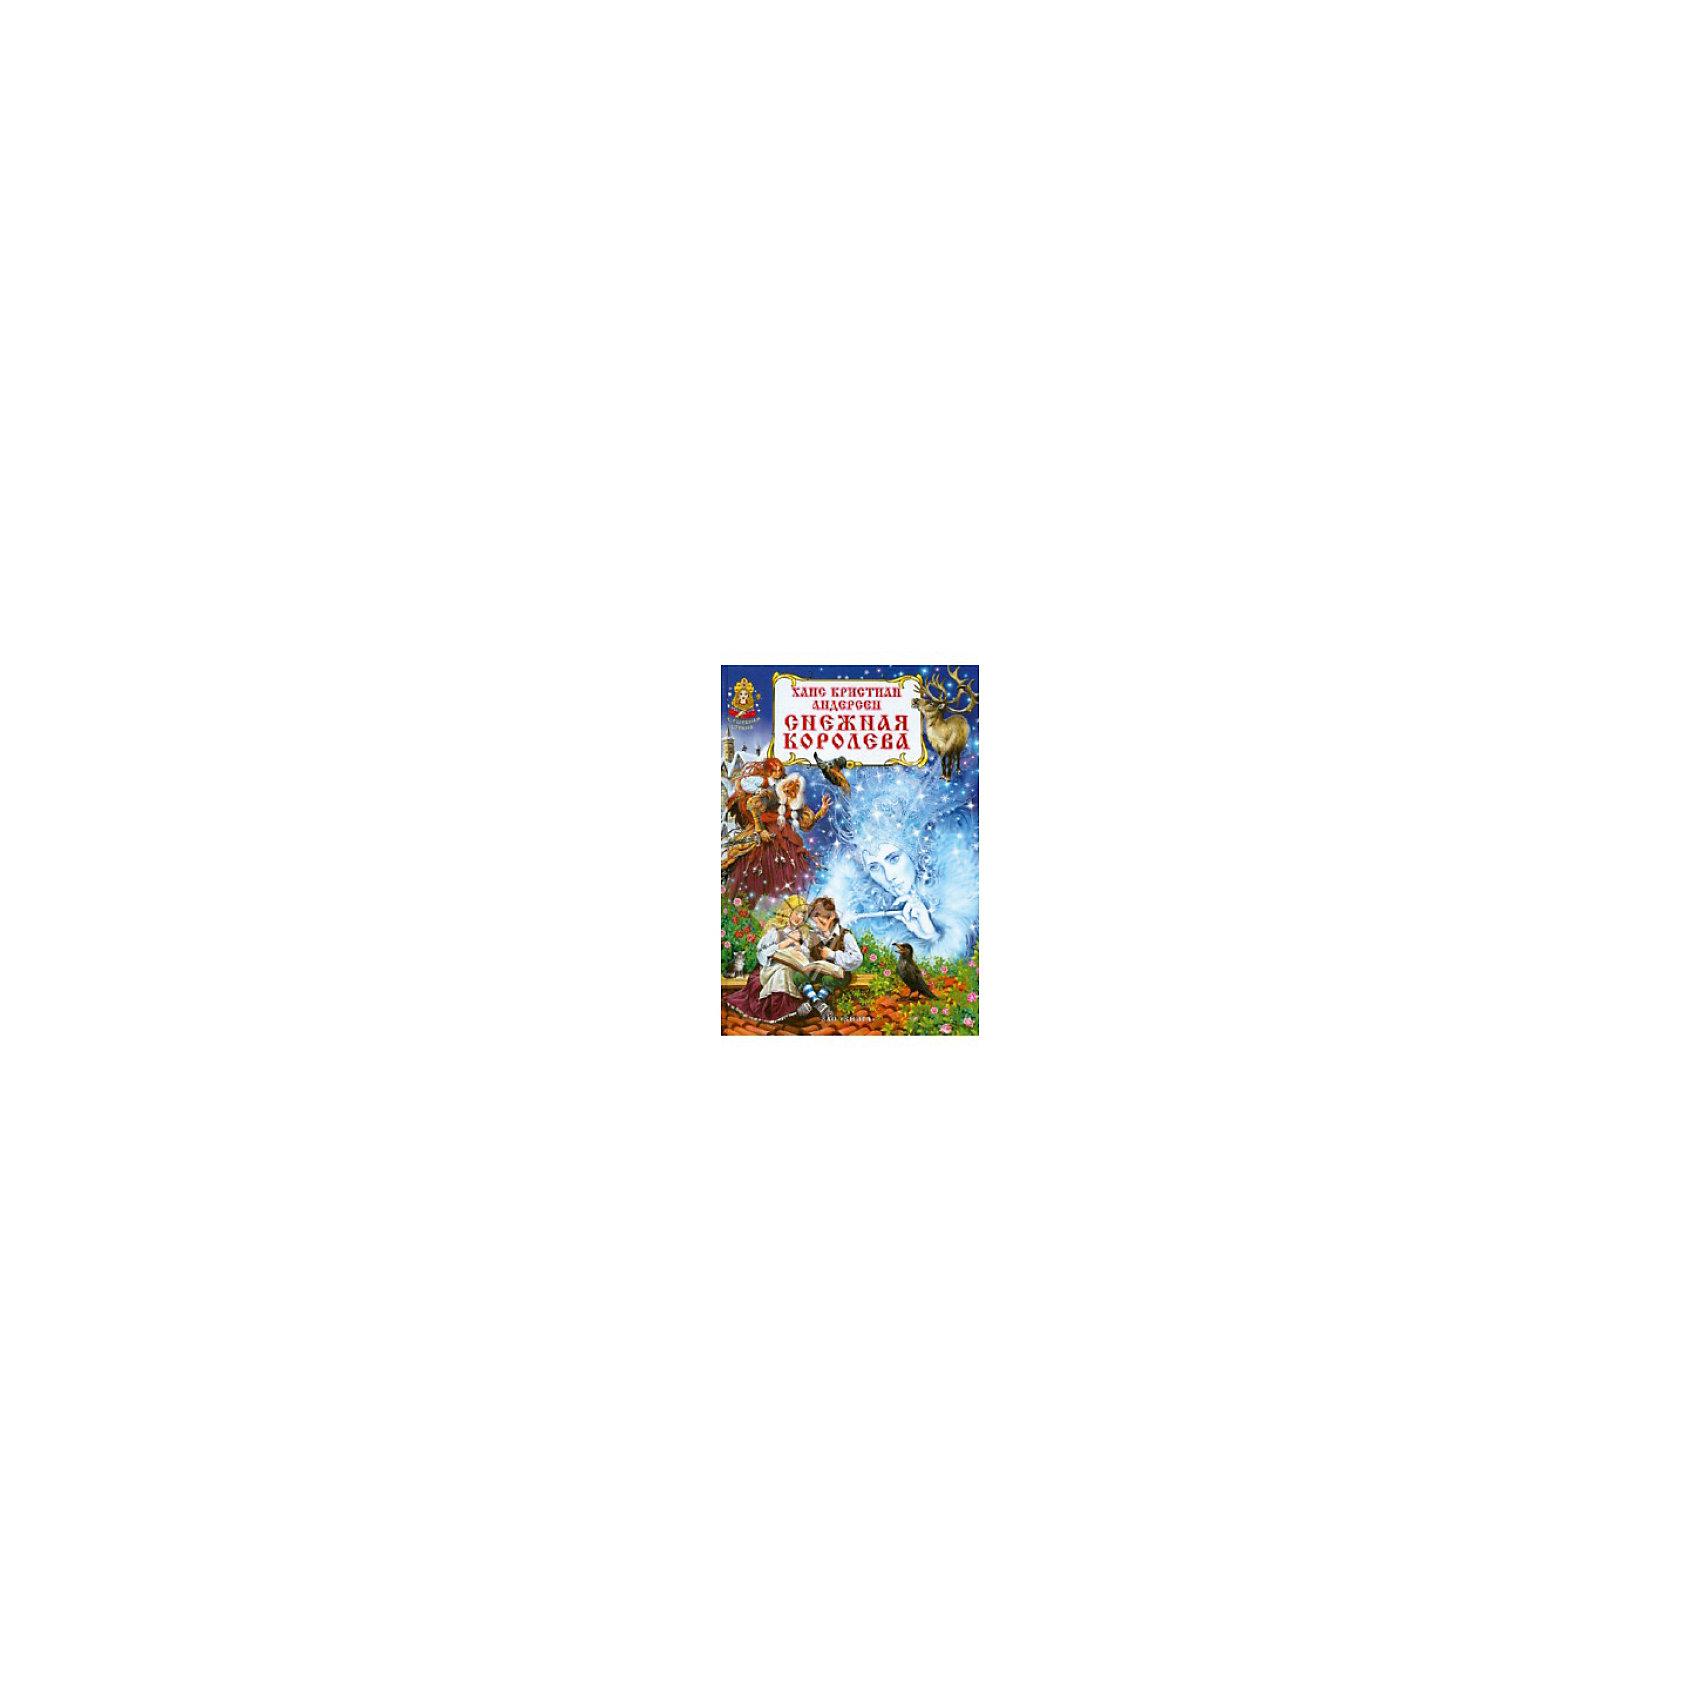 Снежная королева, Г.Х. АндерсенСказки, рассказы, стихи<br>В эту красочно иллюстрированную книгу вошла замечательная сказка великого детского сказочника Ганса Кристиана Андерсена Снежная королева. <br>Для младшего школьного возраста.<br><br>Ширина мм: 245<br>Глубина мм: 170<br>Высота мм: 100<br>Вес г: 500<br>Возраст от месяцев: 36<br>Возраст до месяцев: 2147483647<br>Пол: Унисекс<br>Возраст: Детский<br>SKU: 5521180